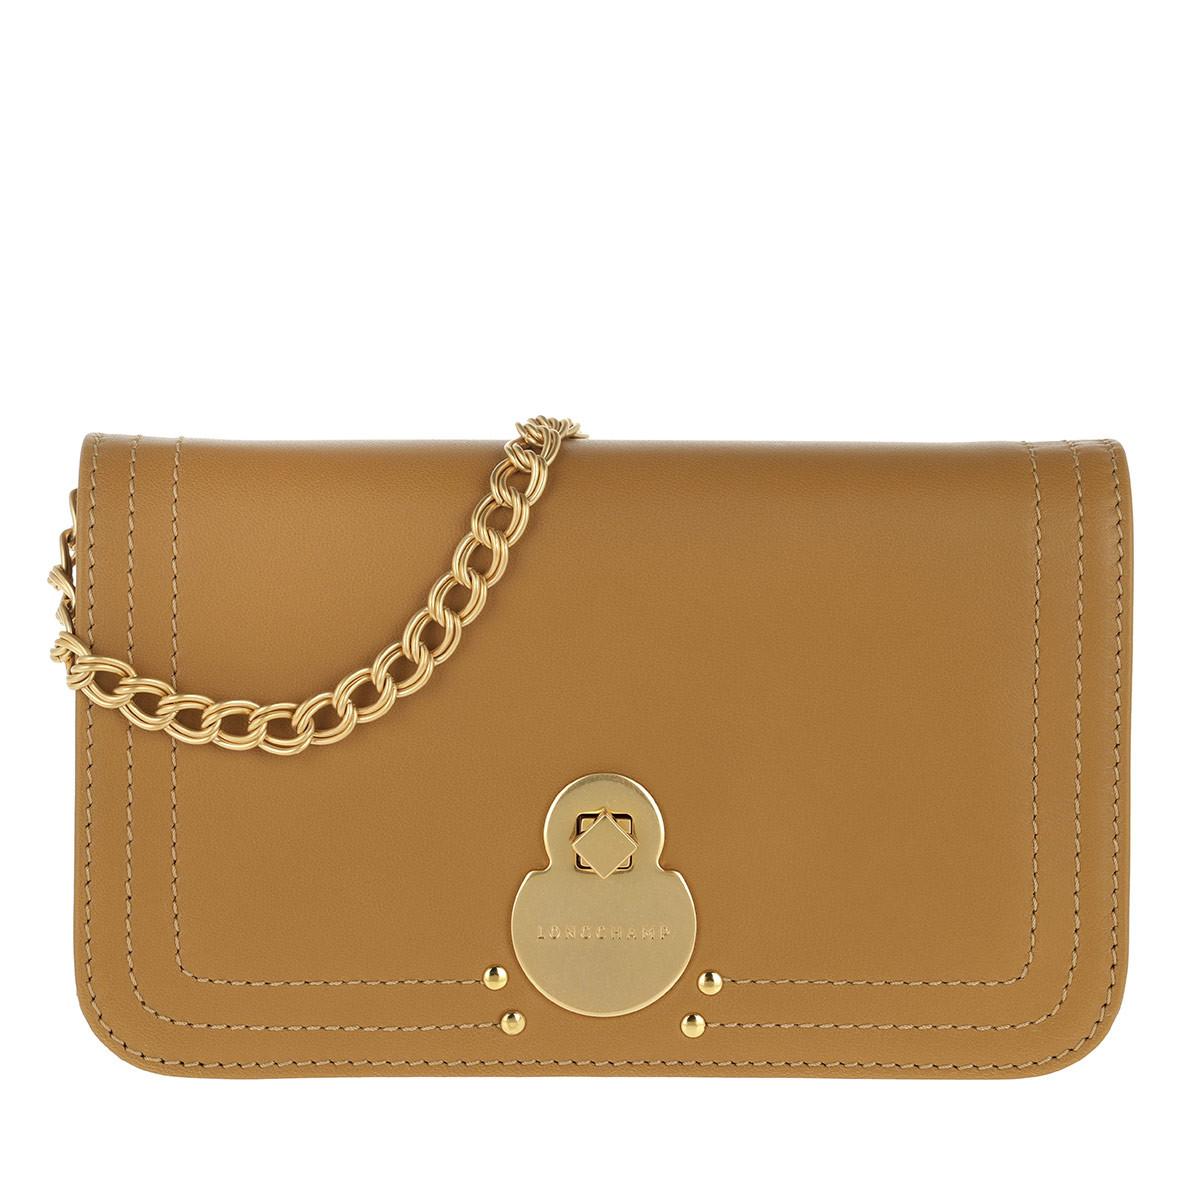 Longchamp Umhängetasche - Cavalcade Wallet On Chain Leather Natural - in braun - für Damen